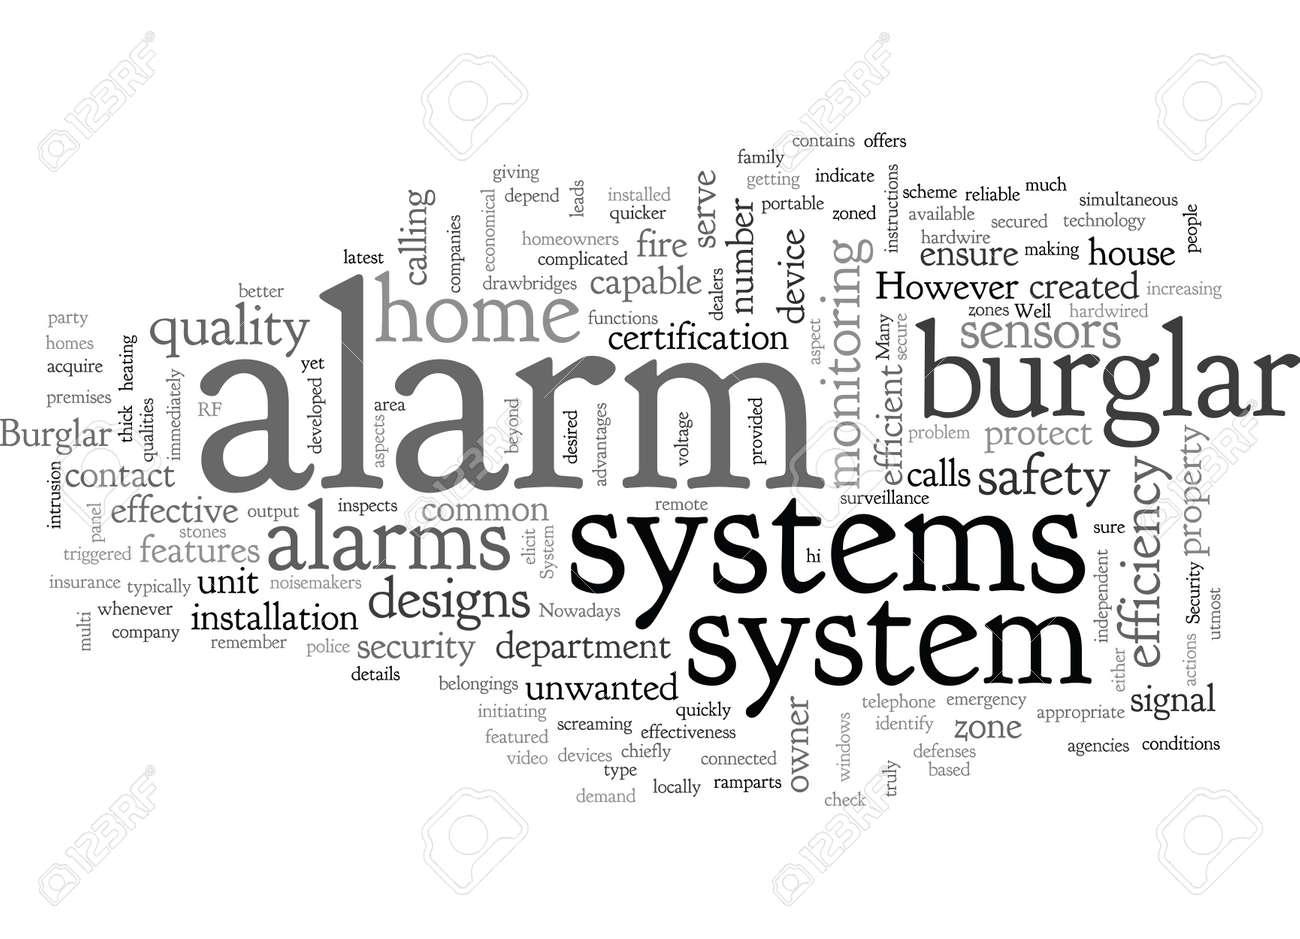 burglar alarm security system - 132215537